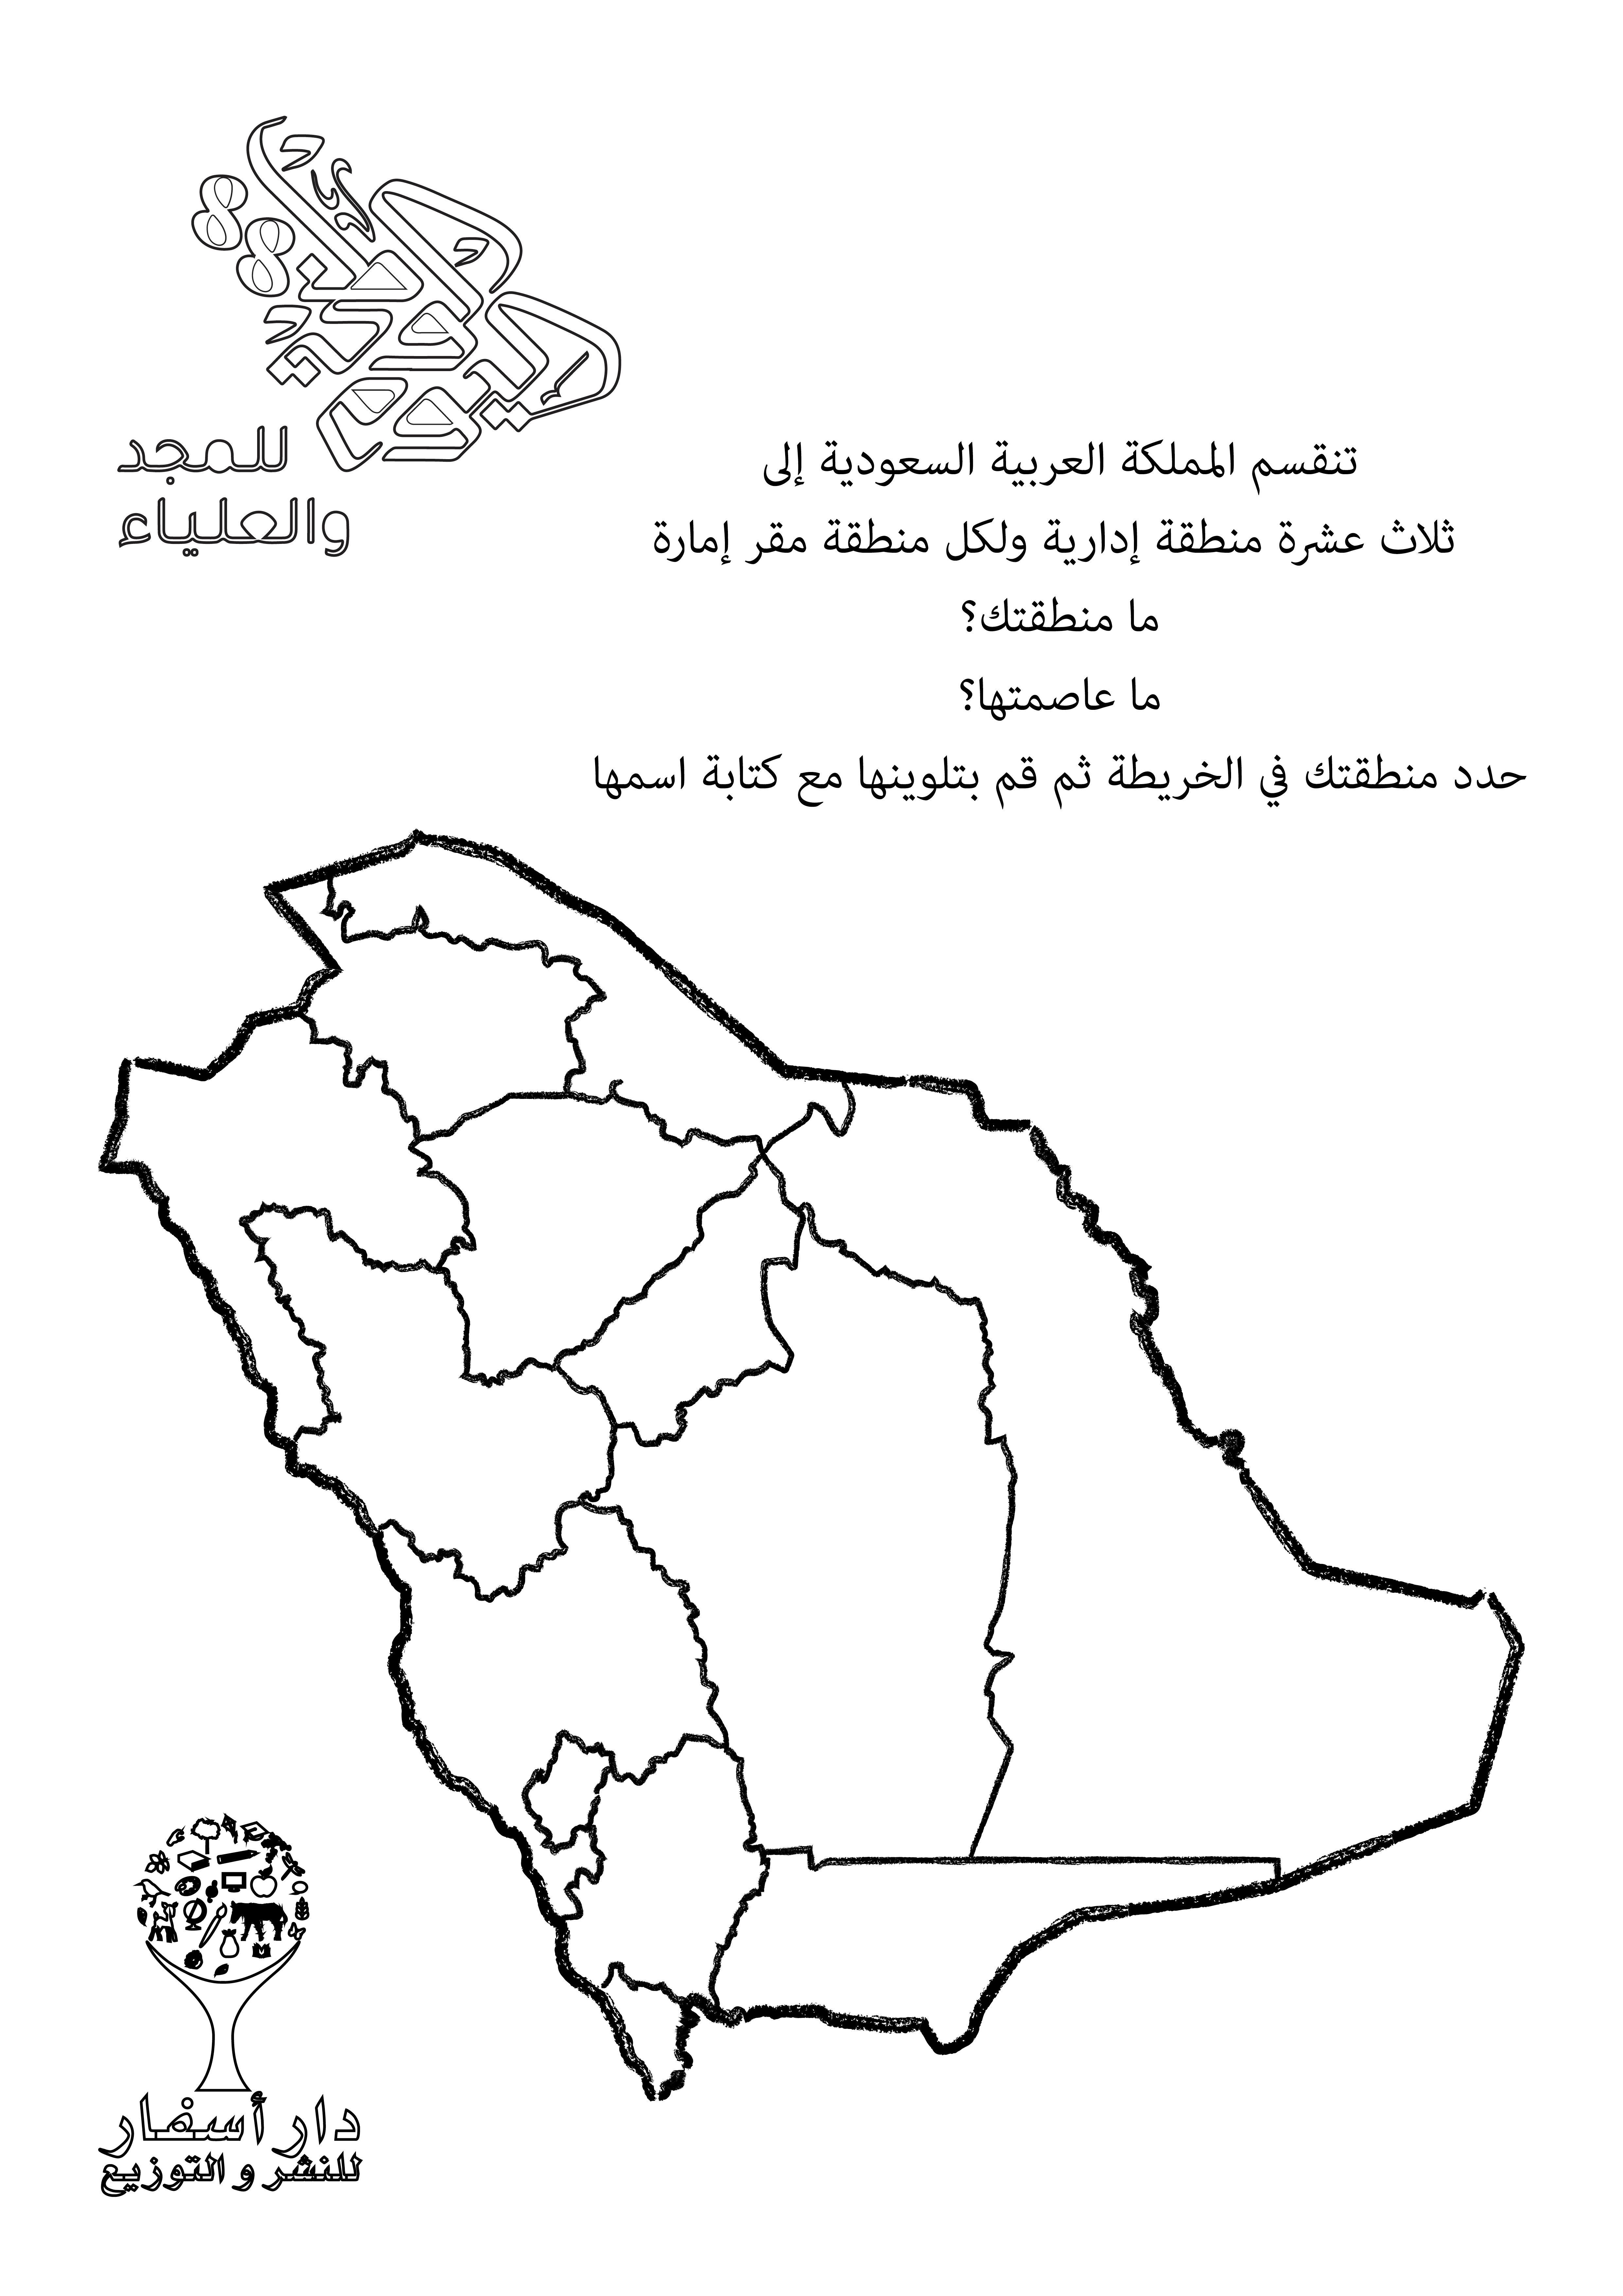 أنشطة اليوم الوطني السعودي National Day National Day